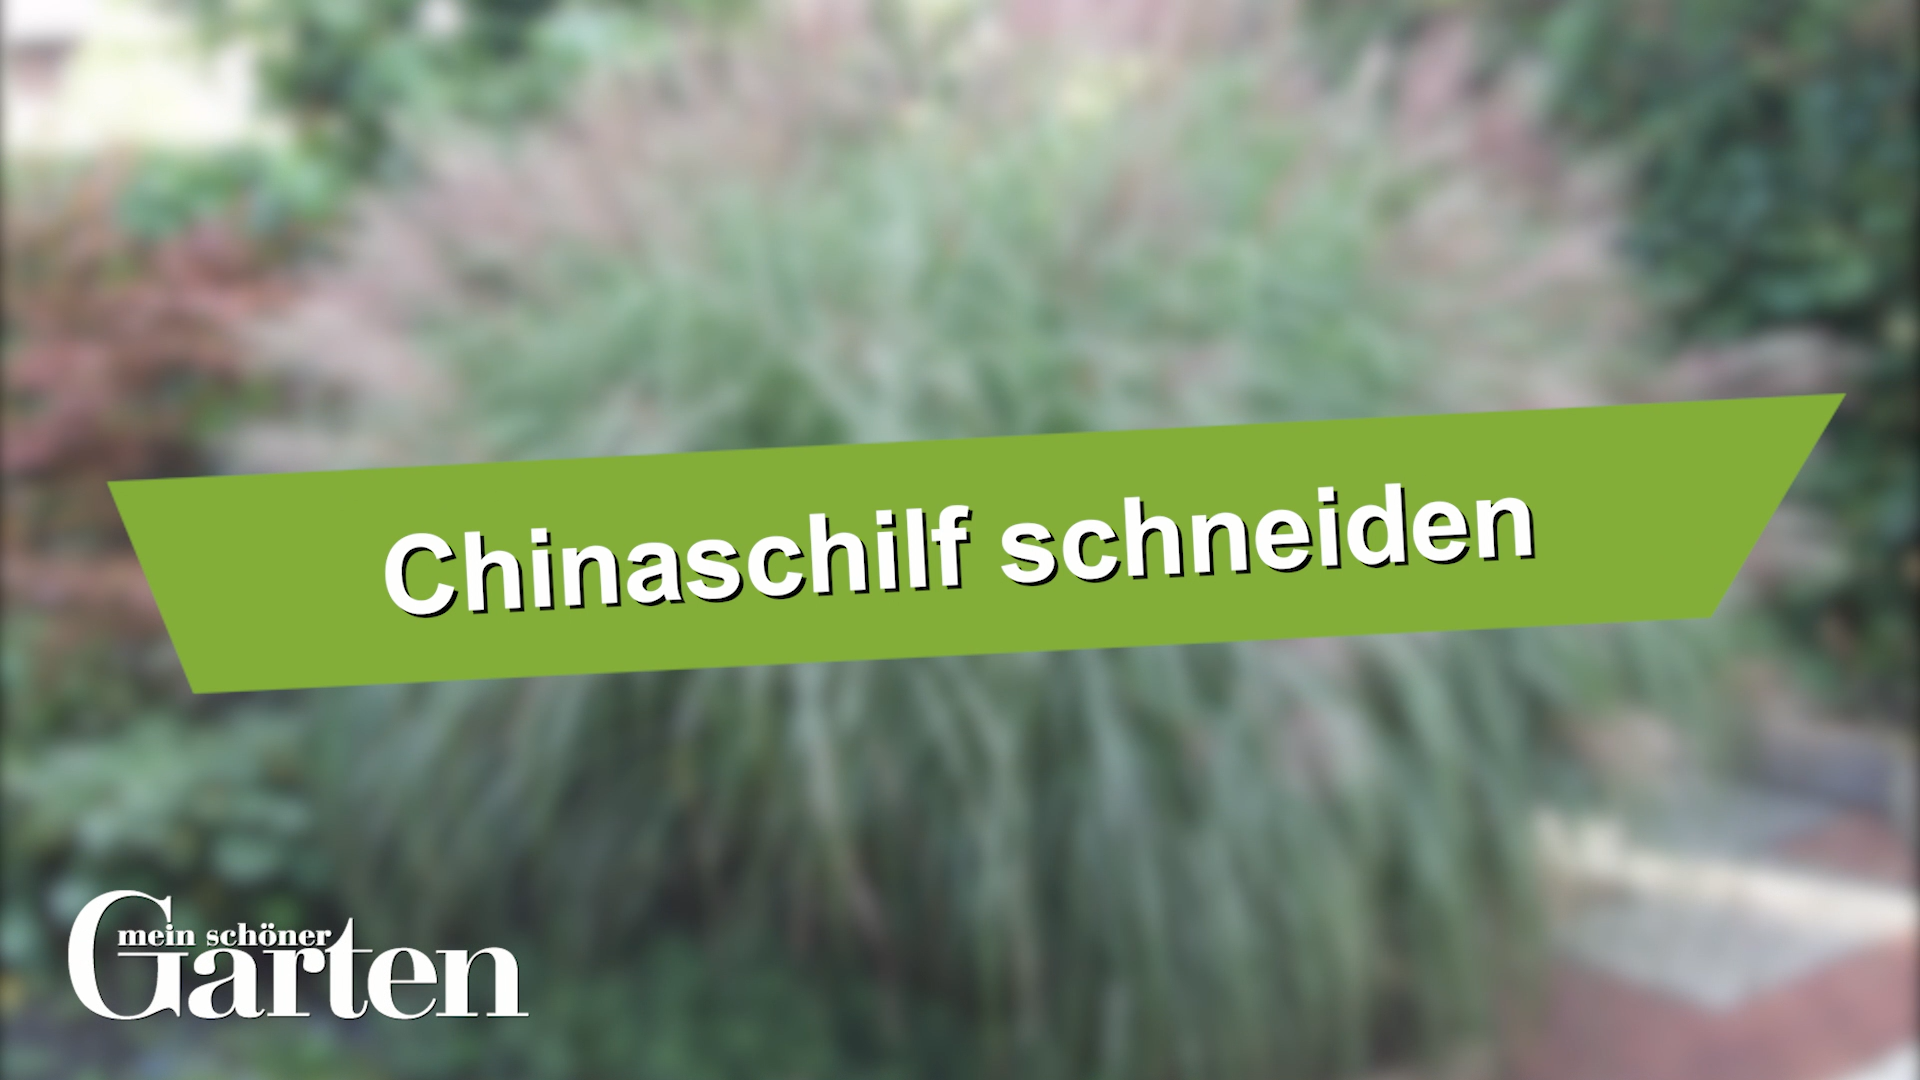 Chinaschilf Richtig Schneiden Chinaschilf Richtig Schneiden In 2020 Succulent Garden Indoor Ornamental Grasses Planting Succulents